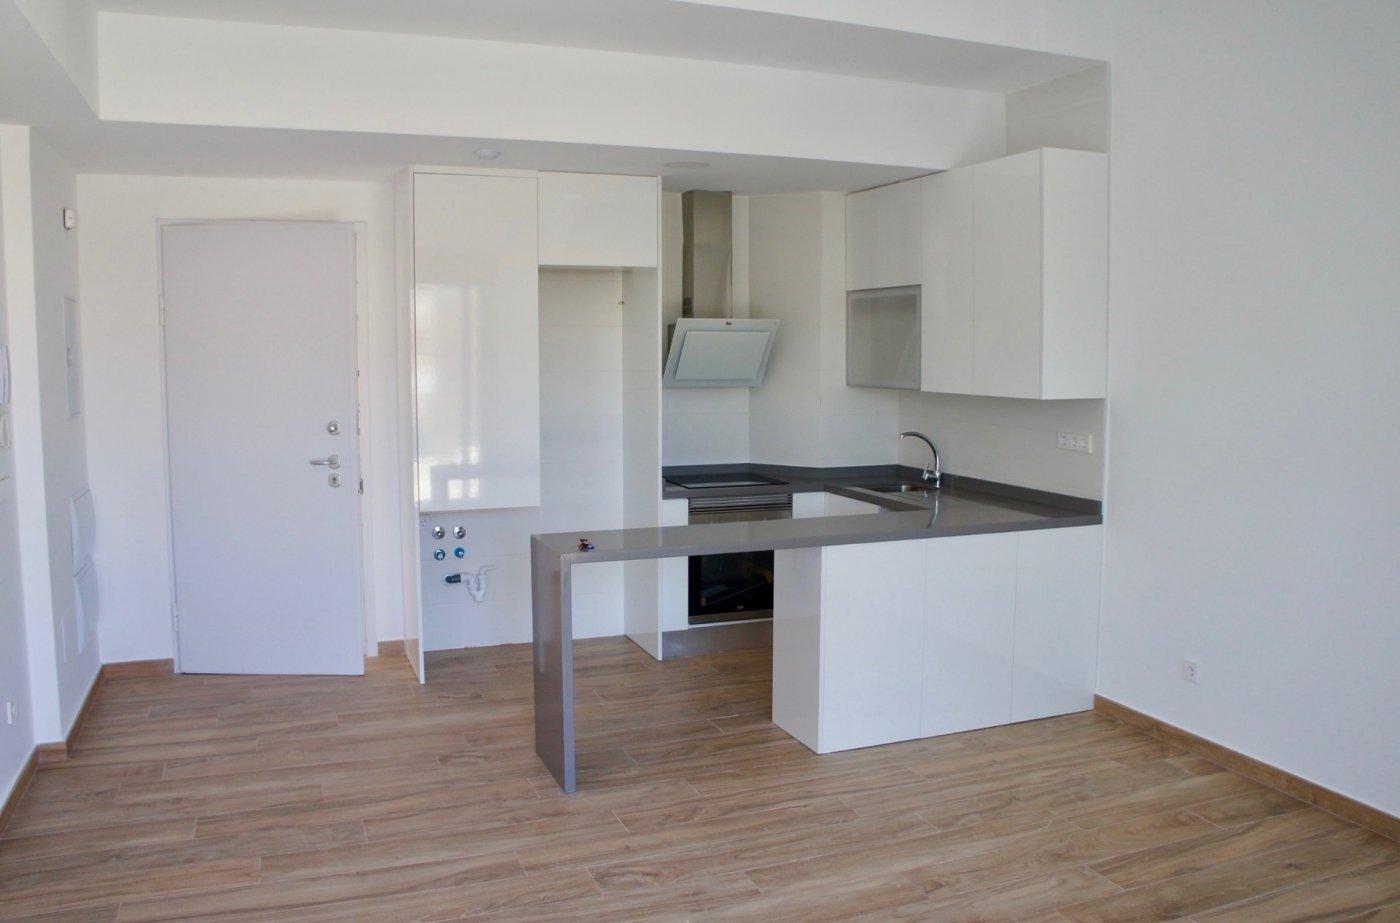 Imagen de la galería 3 of Nuevo apartamento listo en la planta superior de 2 dormitorios a solo 2 minutos a pie de las playas,